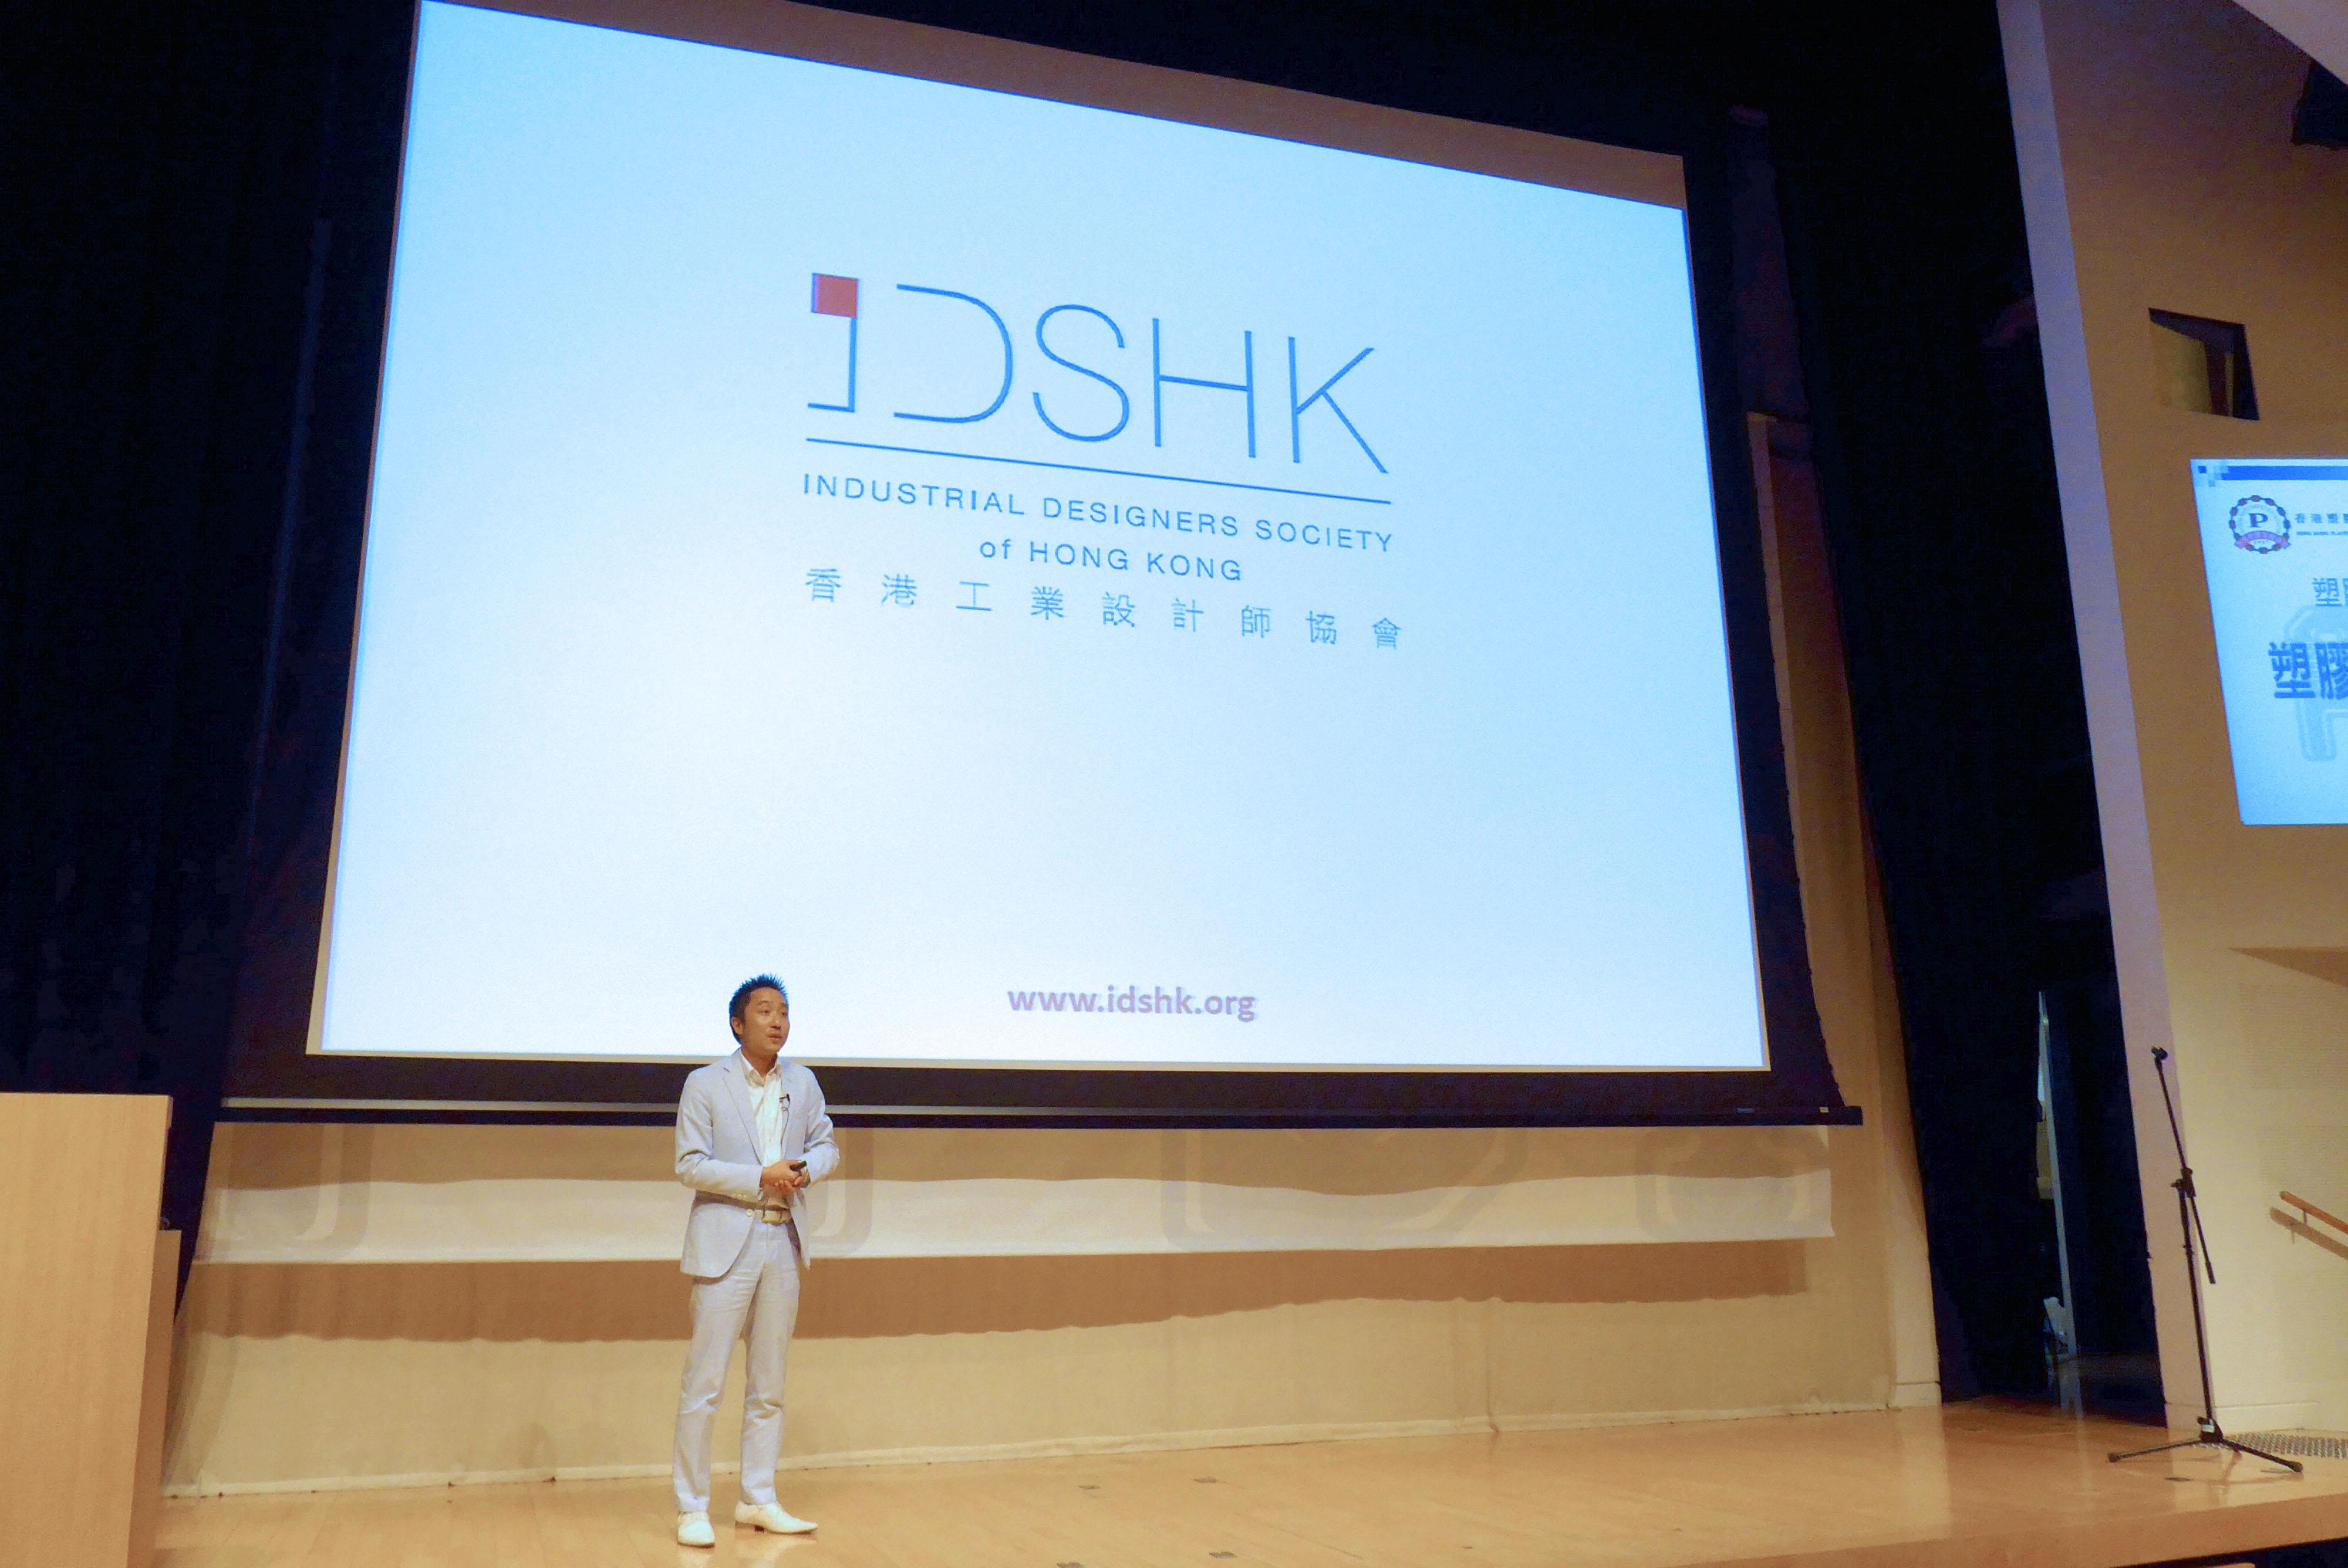 HKPMA_HKPIC_02